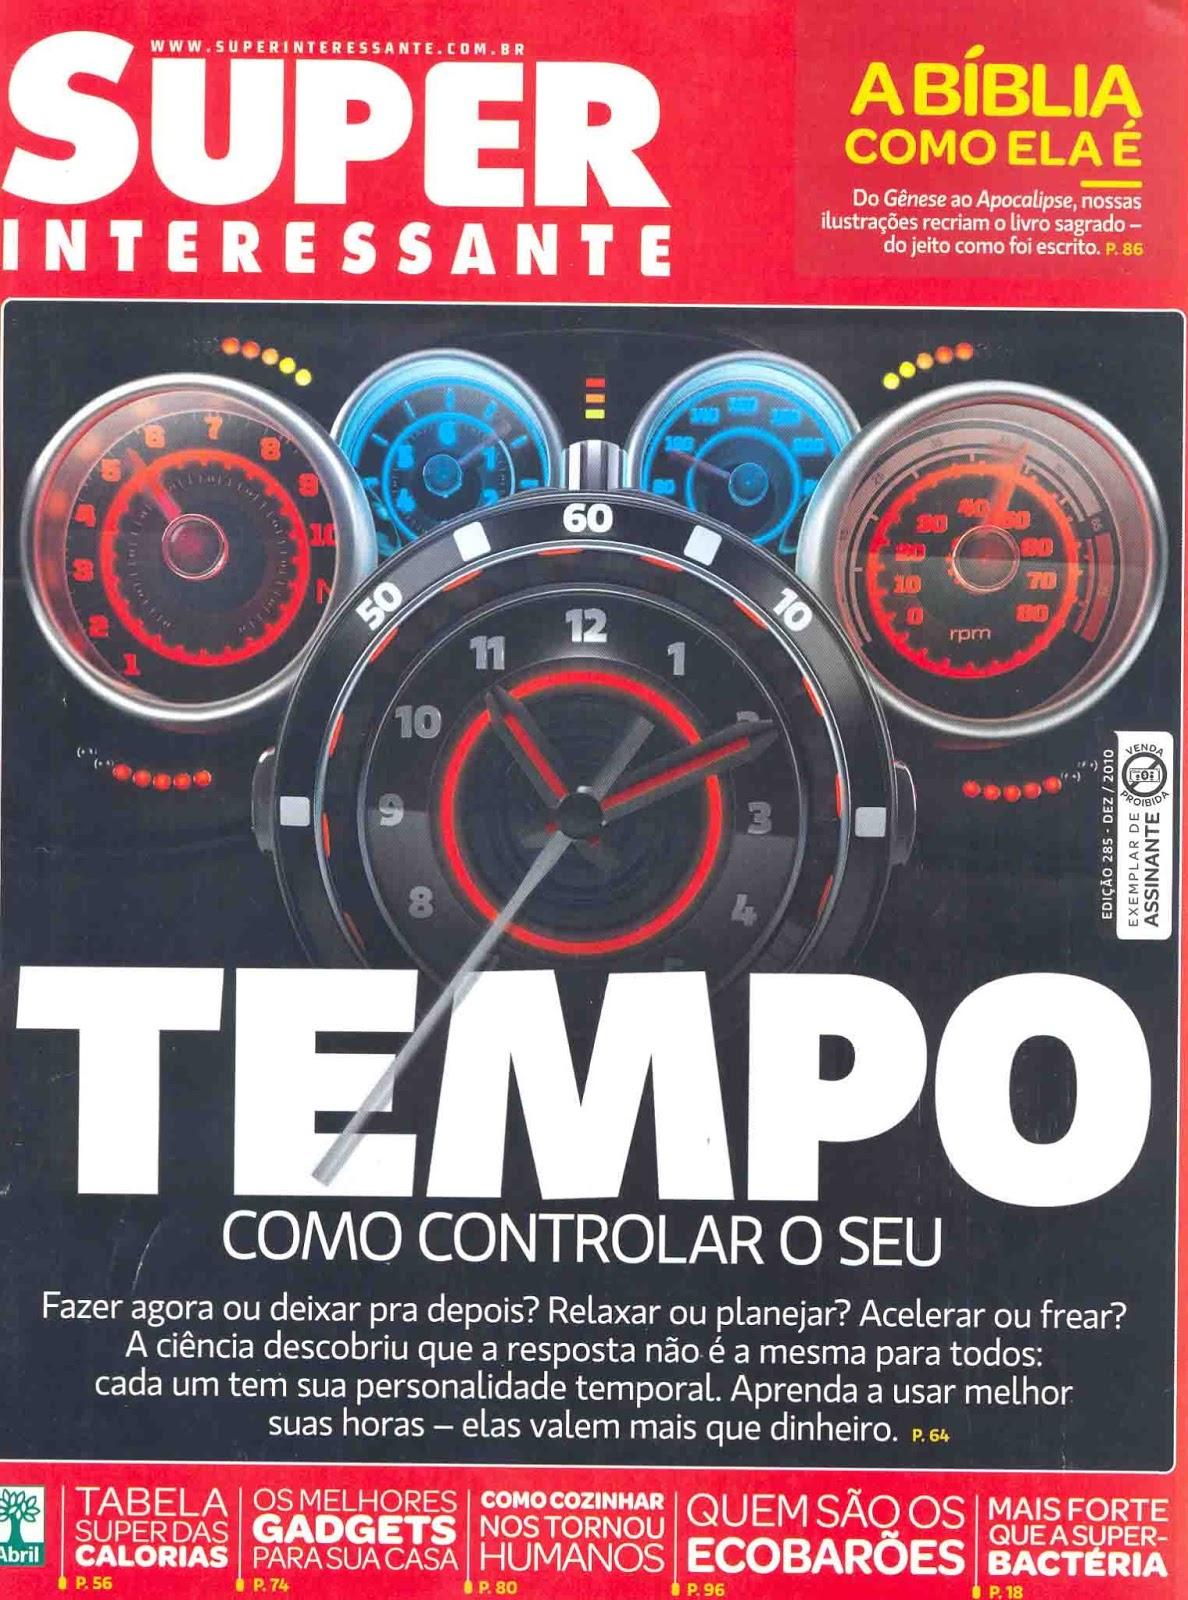 http://3.bp.blogspot.com/-DCkggyoPbKI/UPwsDdSj3II/AAAAAAAAGxY/_Pw5BDROD5U/s1600/revista-super-interessante-dezembro-2010.jpg